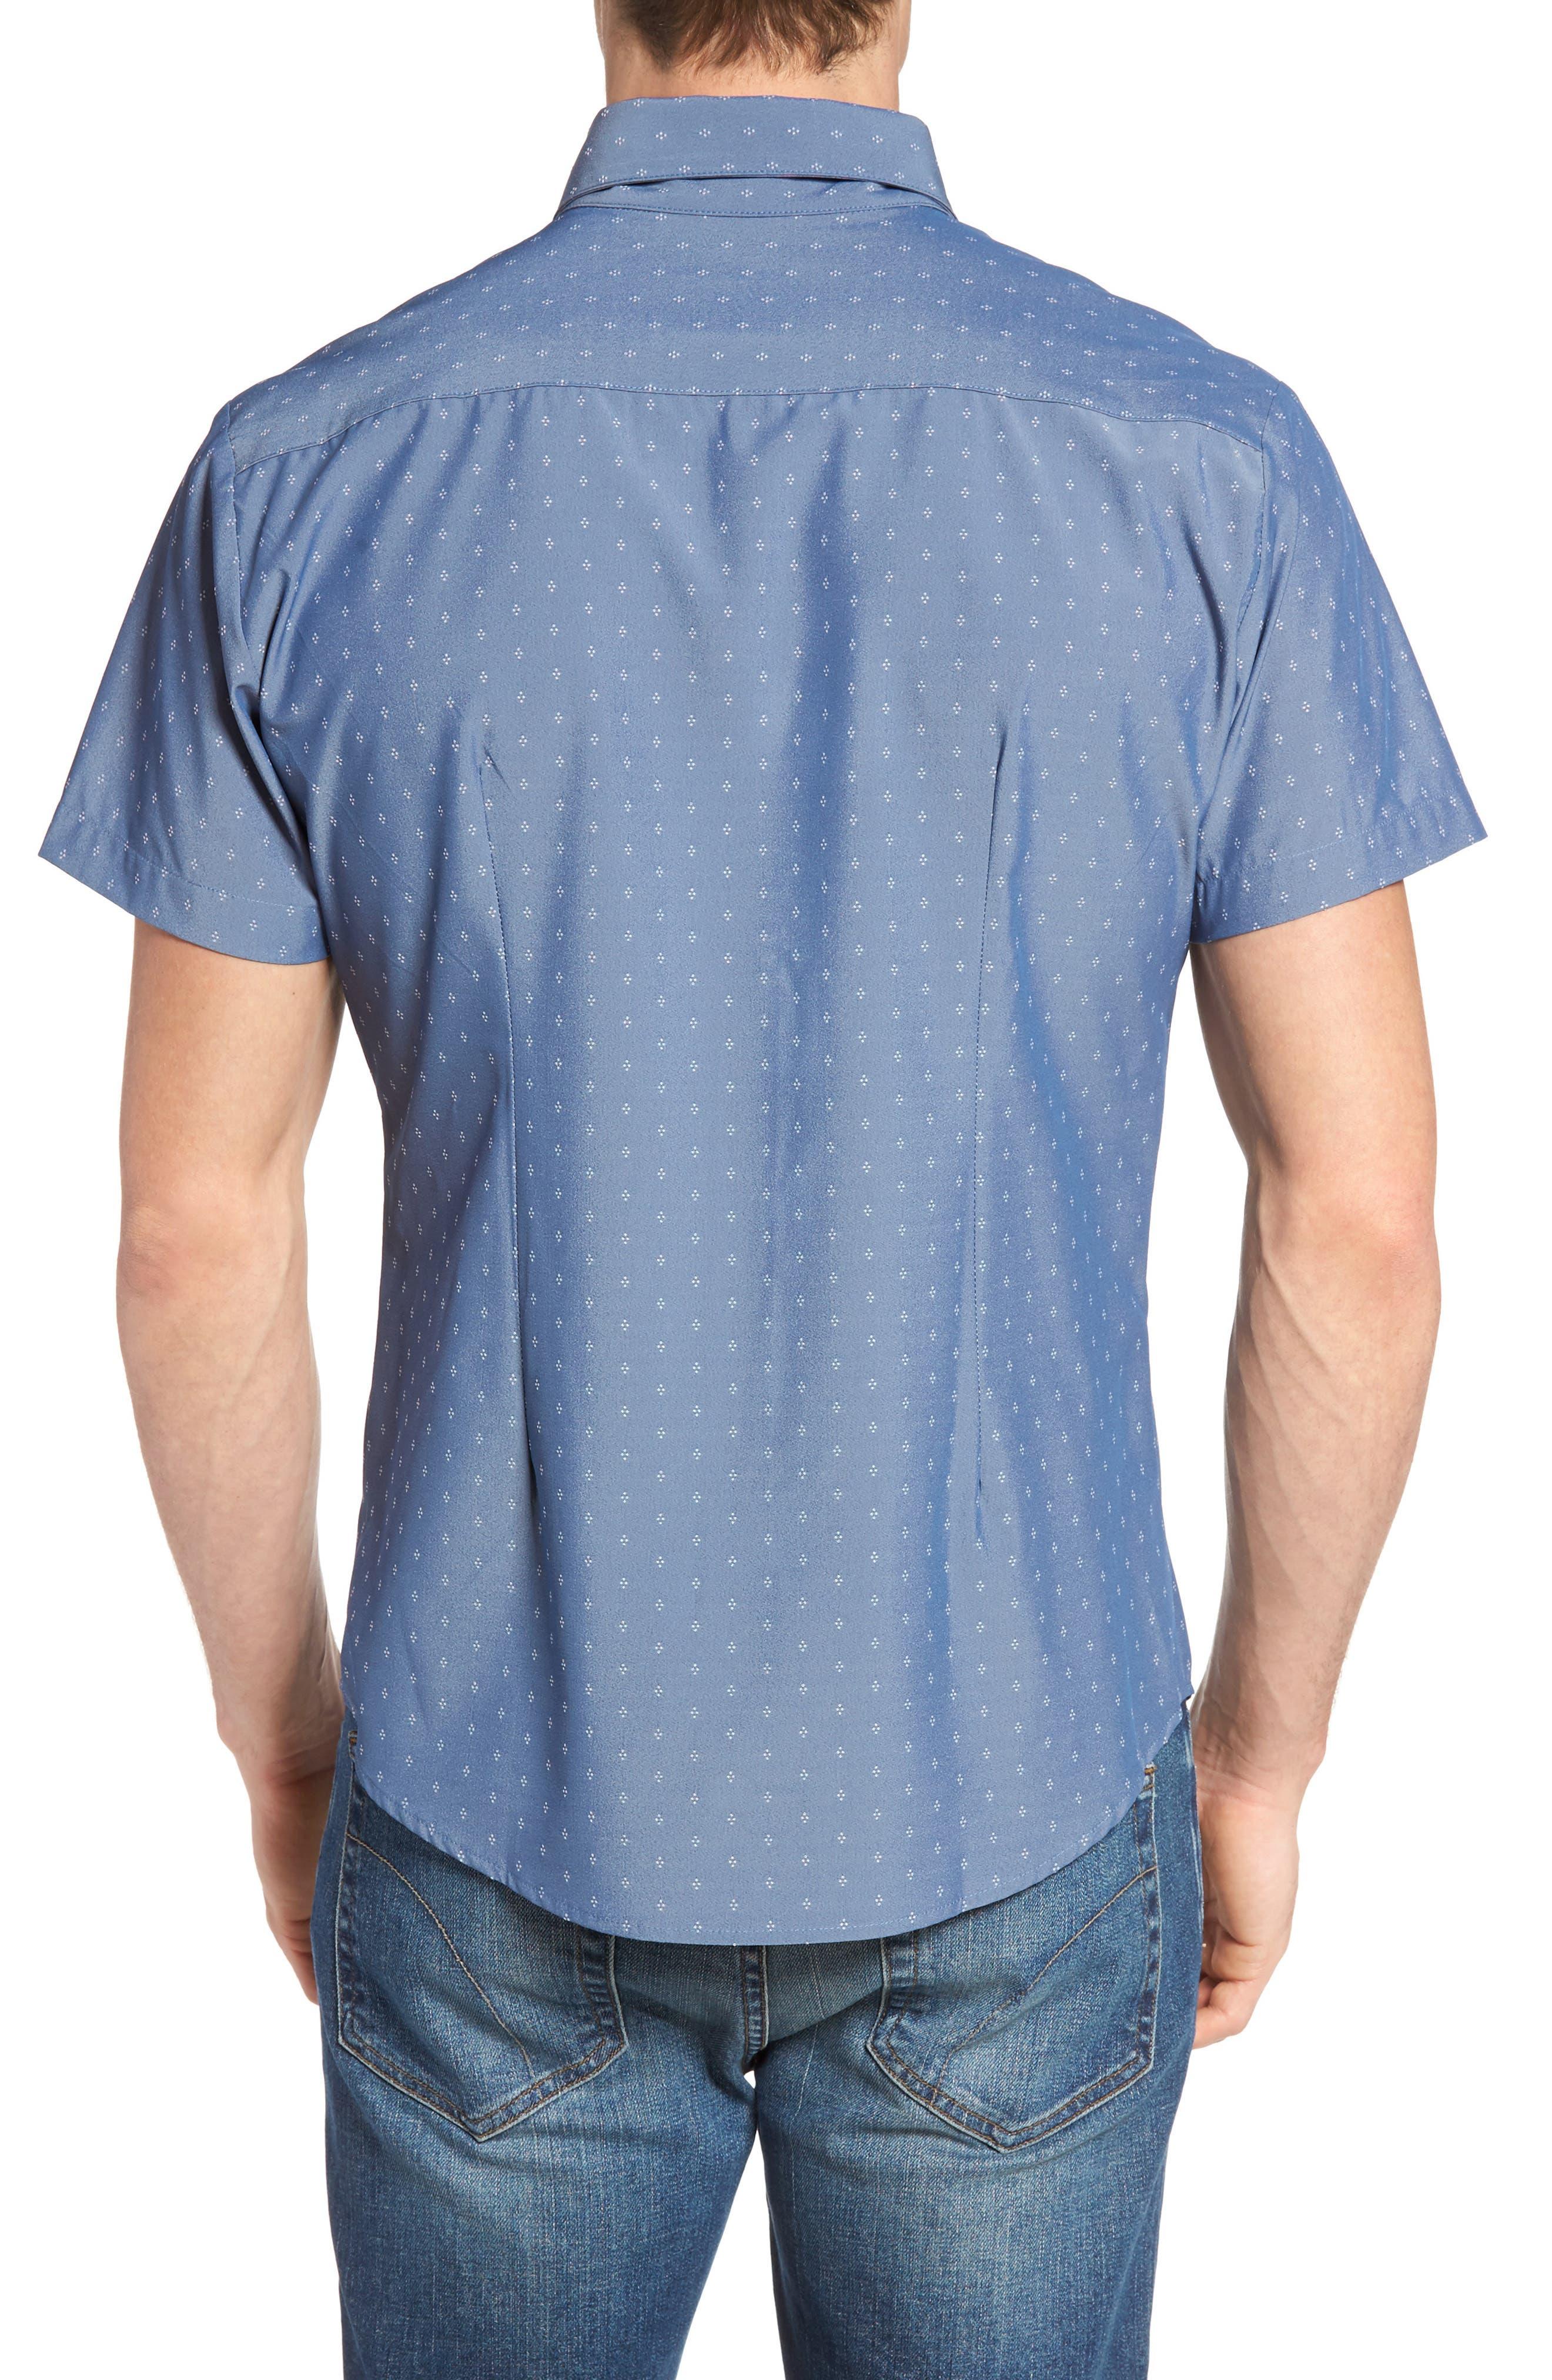 Kingston Poseidon Slim Fit Print Performance Sport Shirt,                             Alternate thumbnail 2, color,                             400